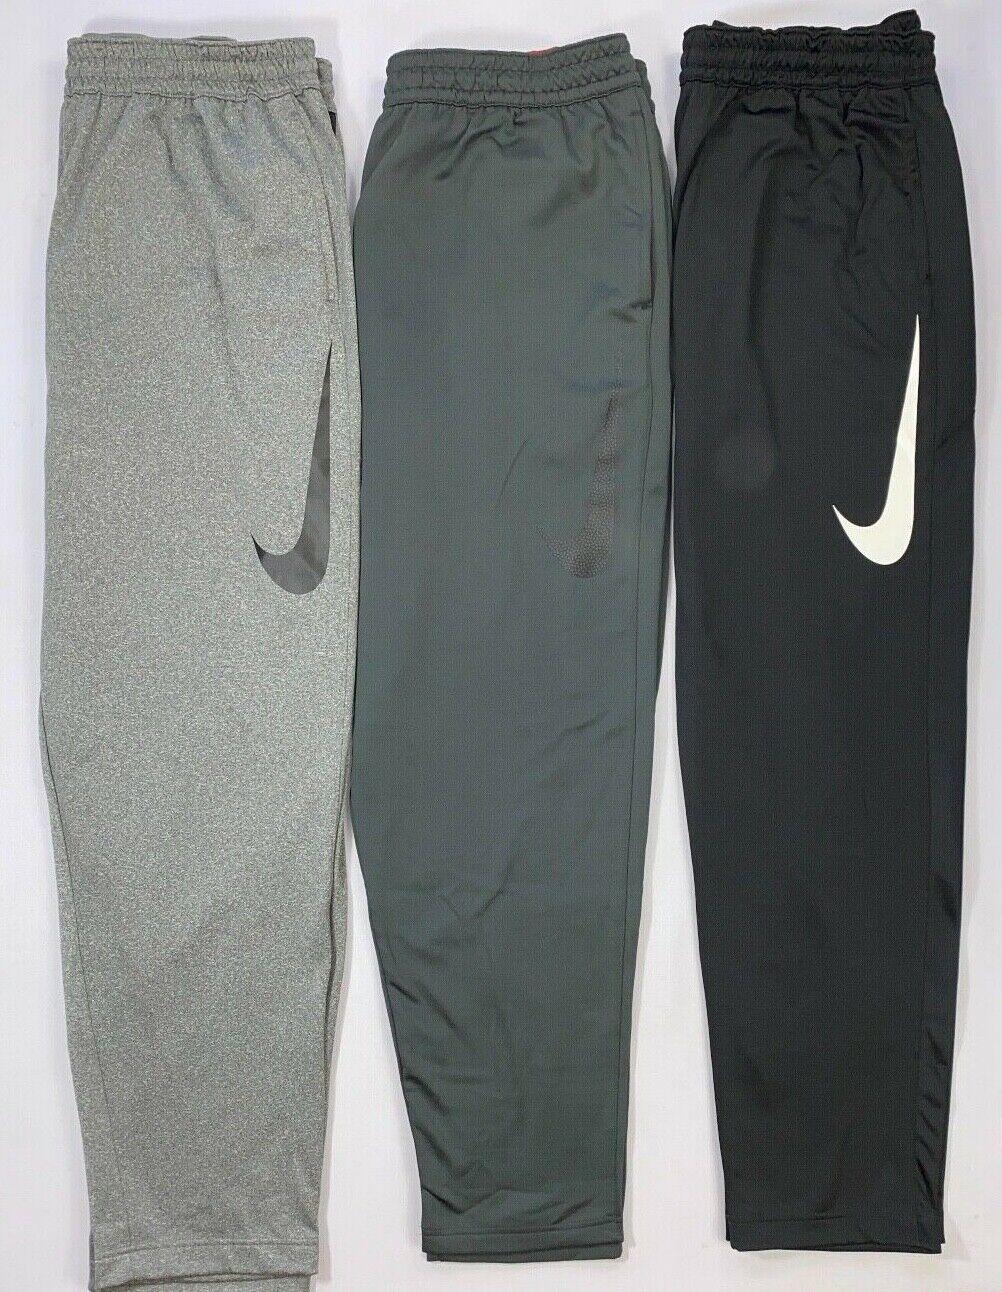 Nike Dry Therma Fleece Dri-fit